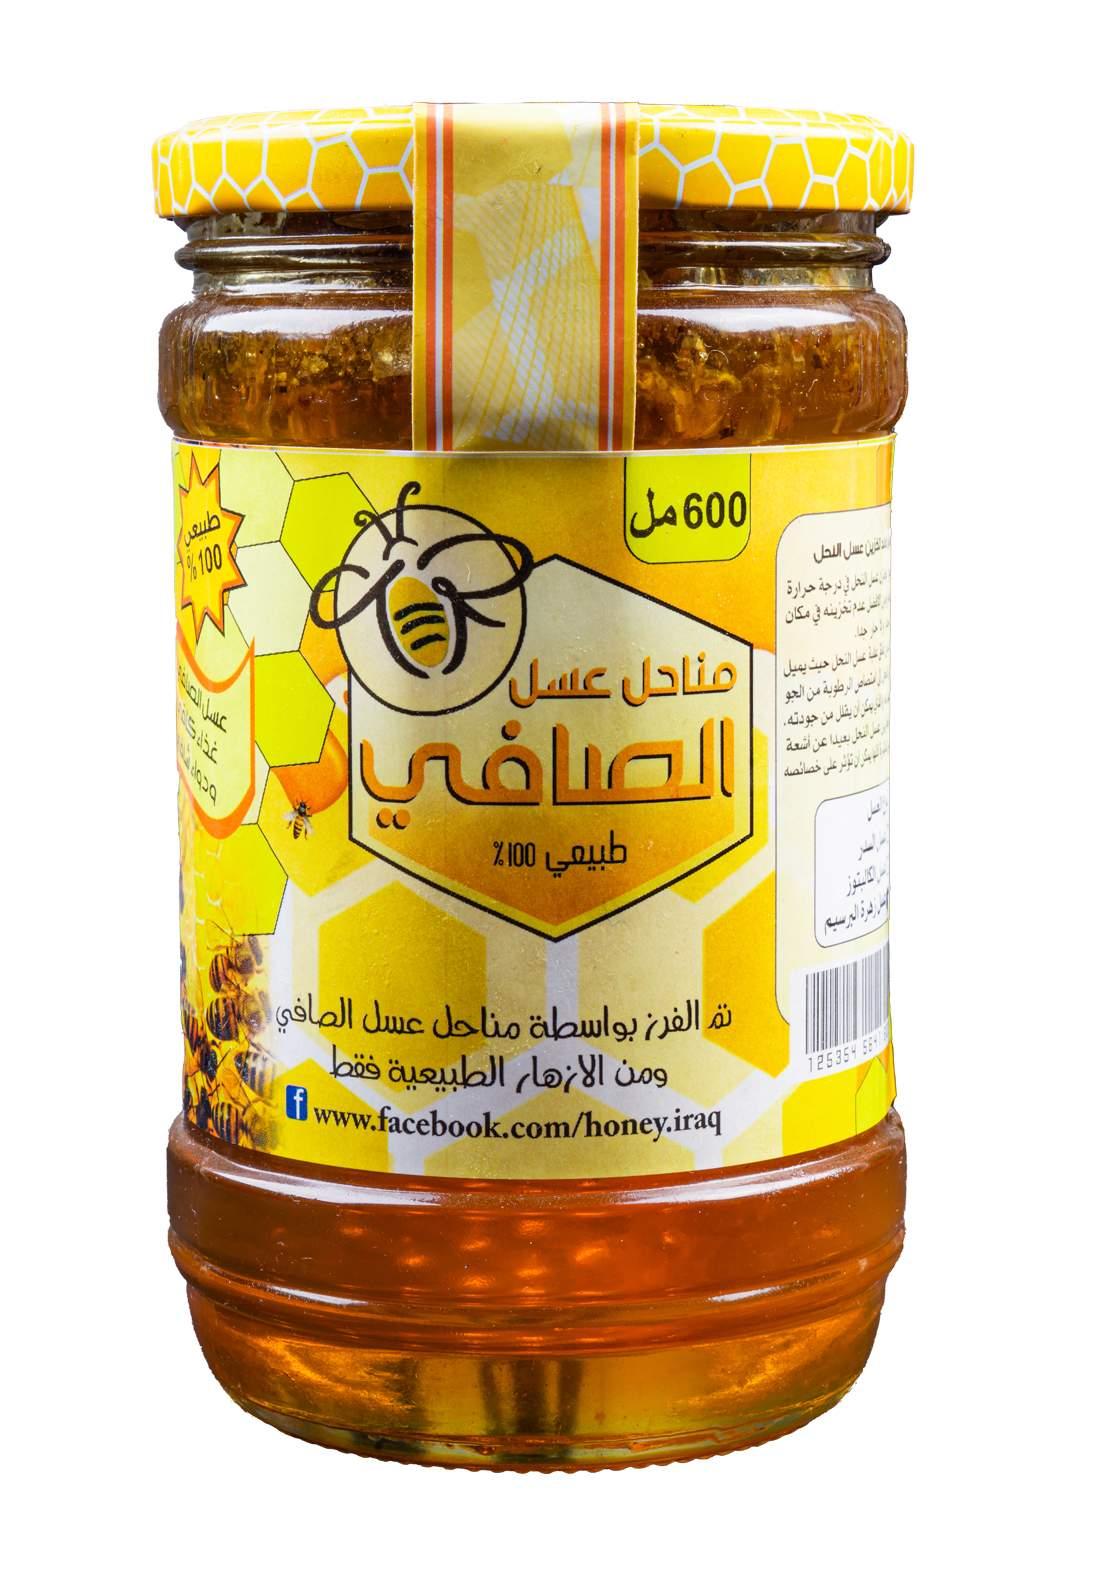 Al Safi Blossom Clover Honey عسل زهرة البرسيم الصافي بالشمع